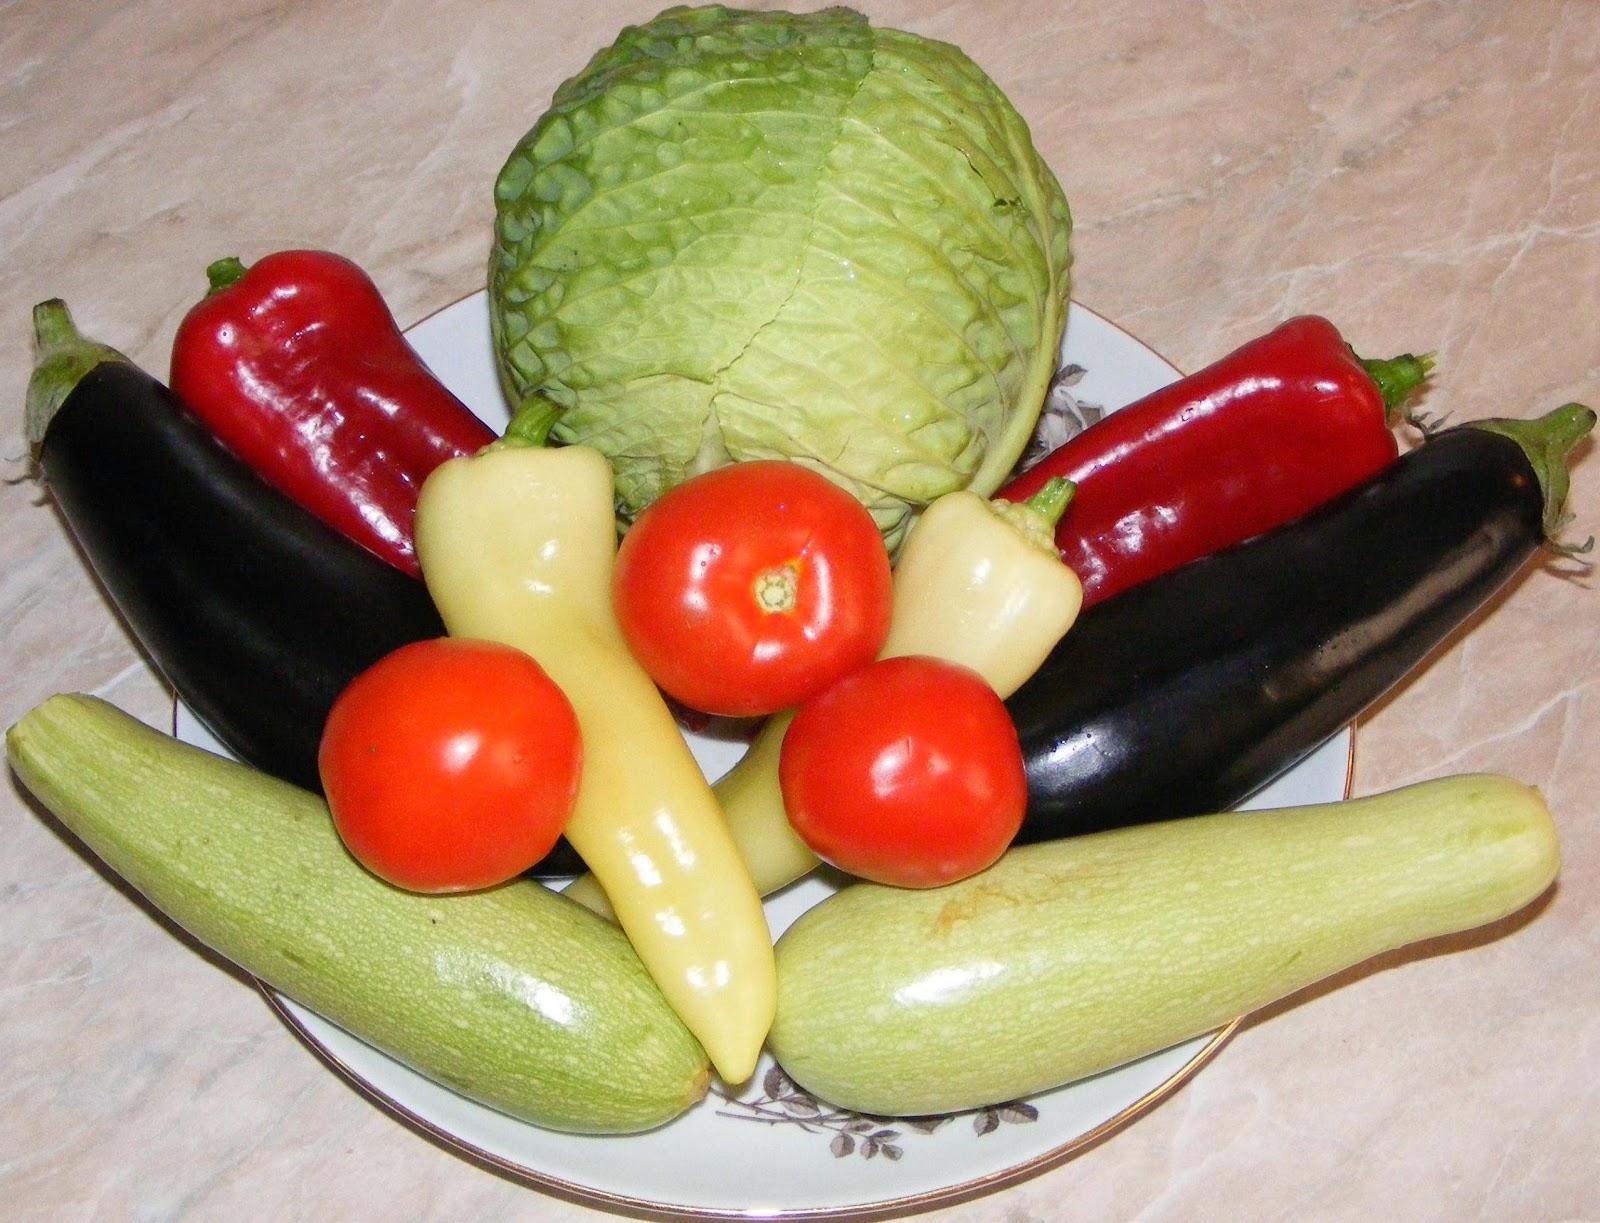 legume, legume proaspete, legume pentru mancare, legume pentru ghiveci, retete cu legume, retete culinare cu legume, retete de mancare, retete de post, mancaruri de post, retete culinare, preparate culinare, legume la cuptor, ghiveci de post,